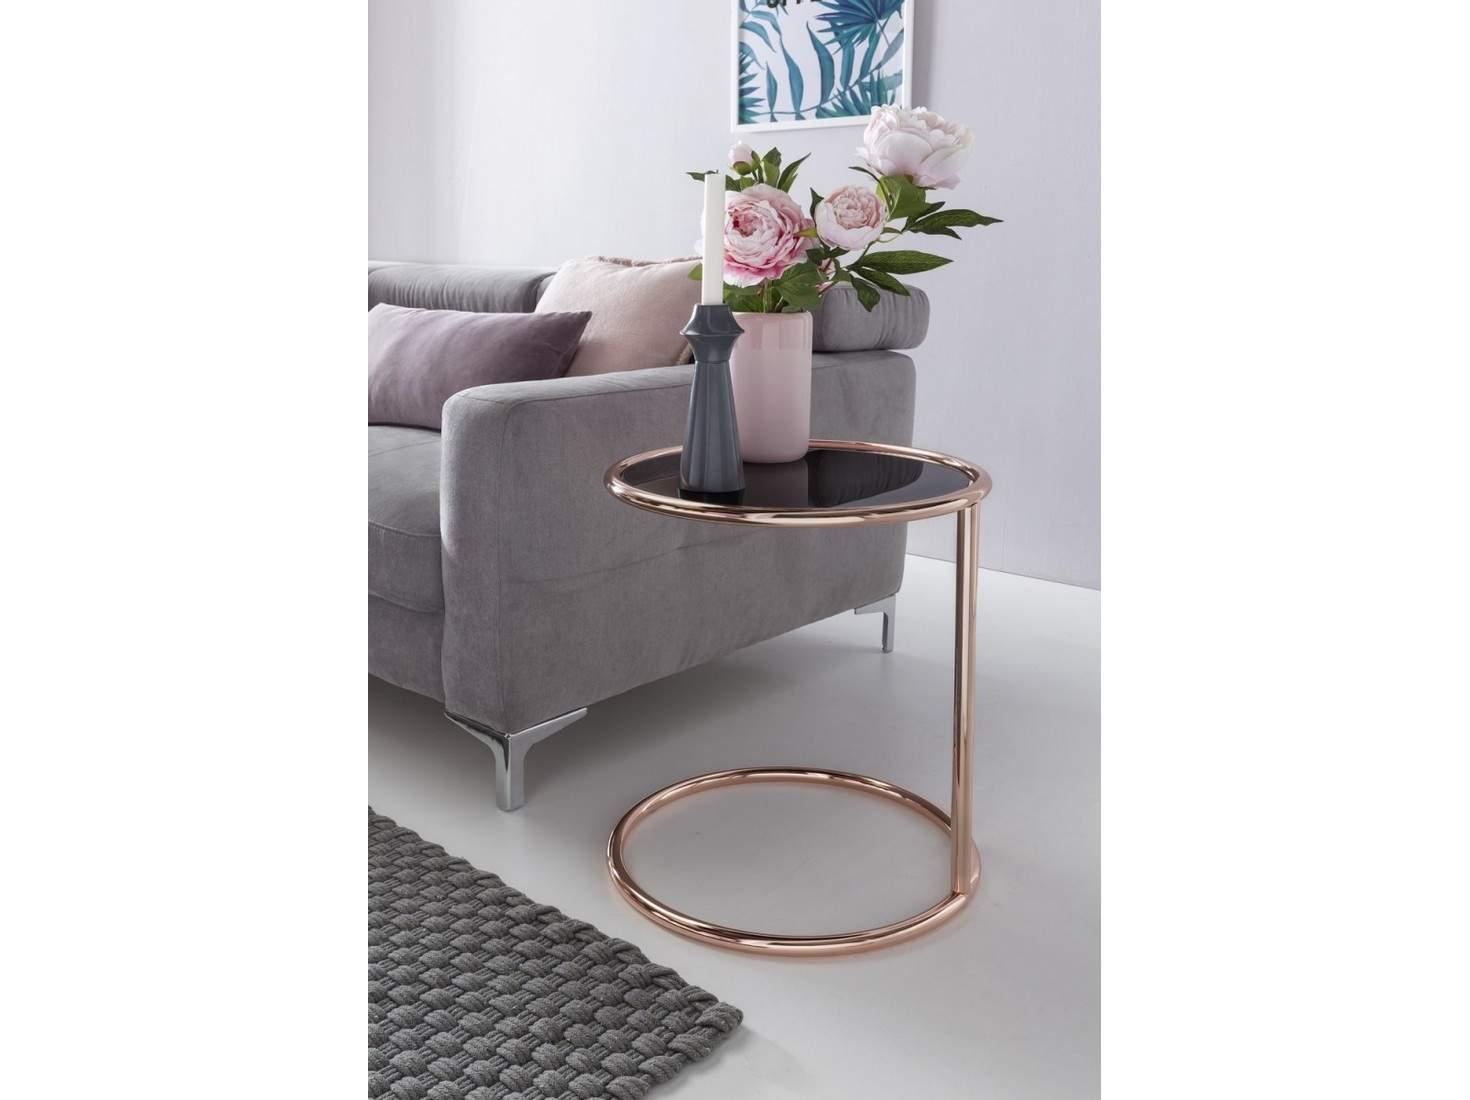 Design Beistelltisch Metall Glas Schwarz Kupfer Wohnzimmertisch verspiegelt Couchtisch modern Glastisch b4